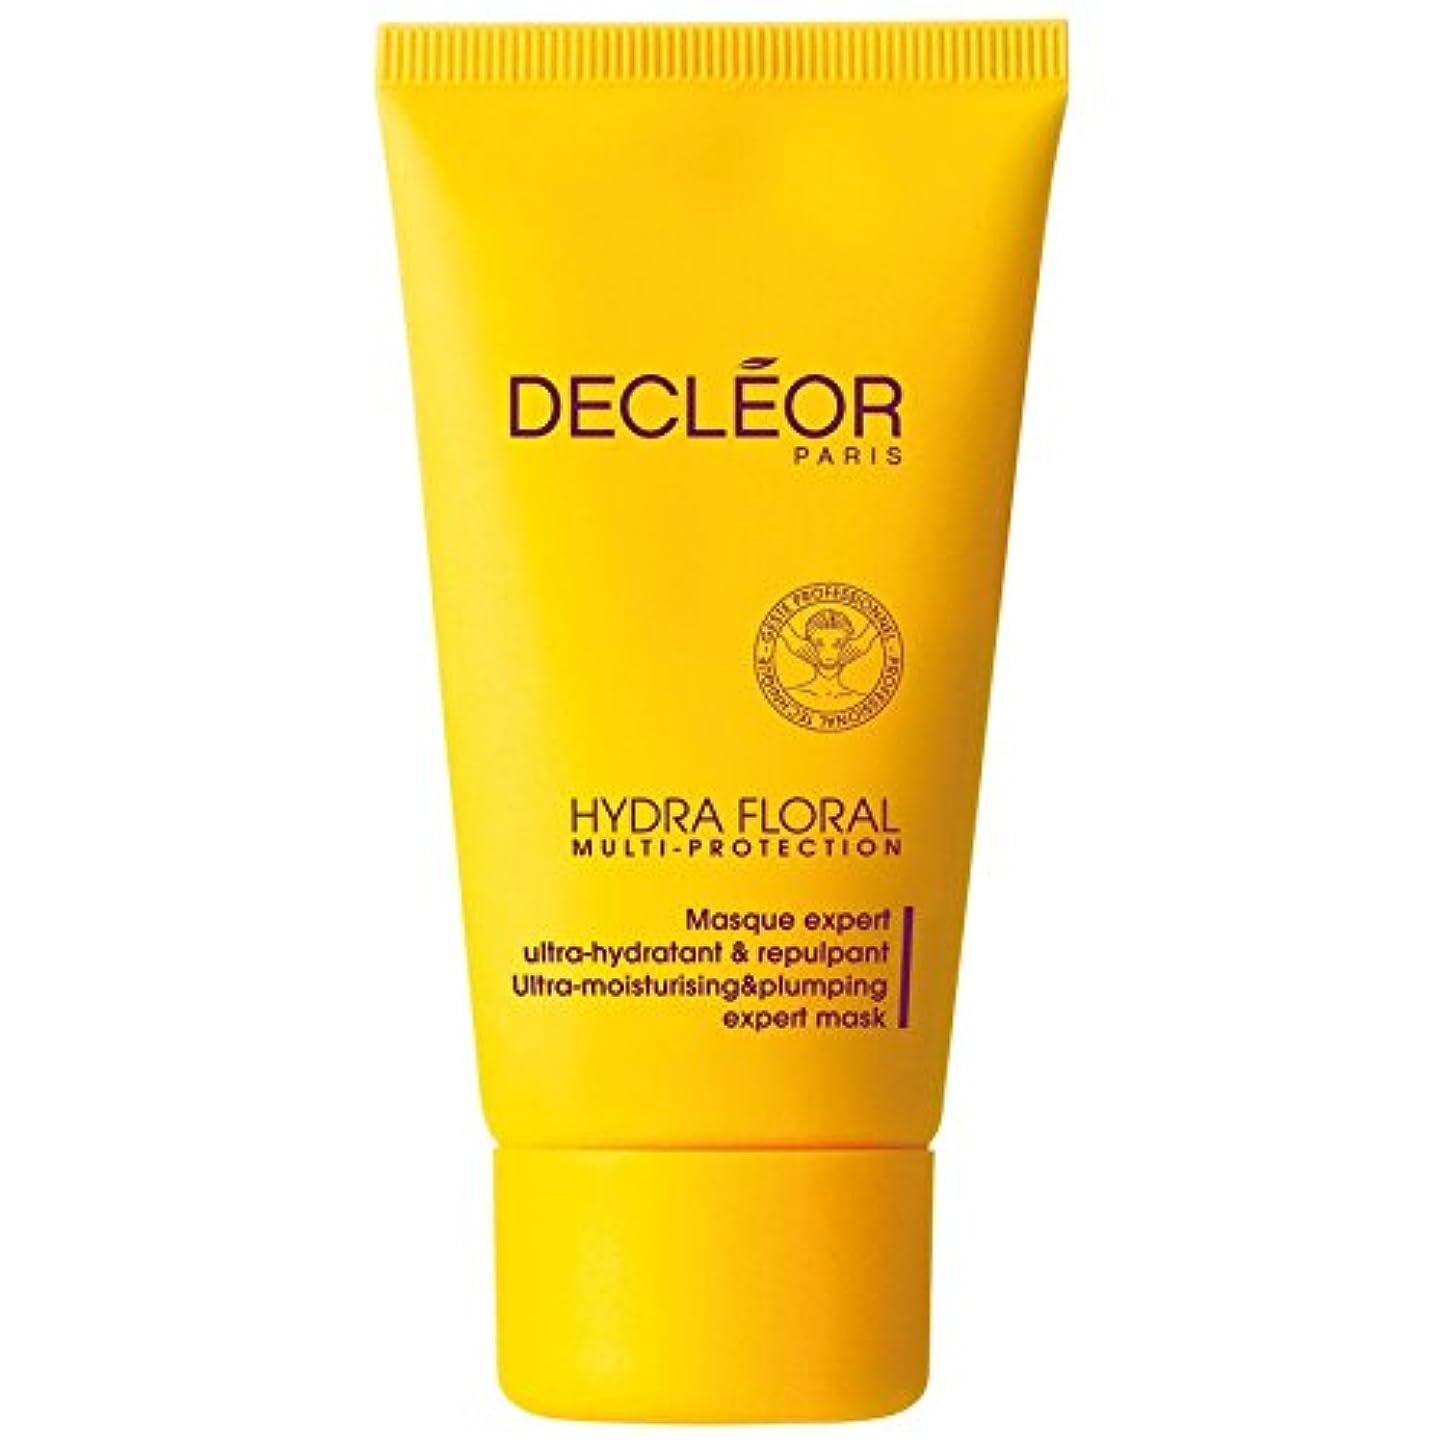 秘密の理容師マーチャンダイザー[Decl?or] デクレオールヒドラ花のマルチ保護の専門家マスク50ミリリットル - Decl?or Hydra Floral Multi Protection Expert Mask 50ml [並行輸入品]